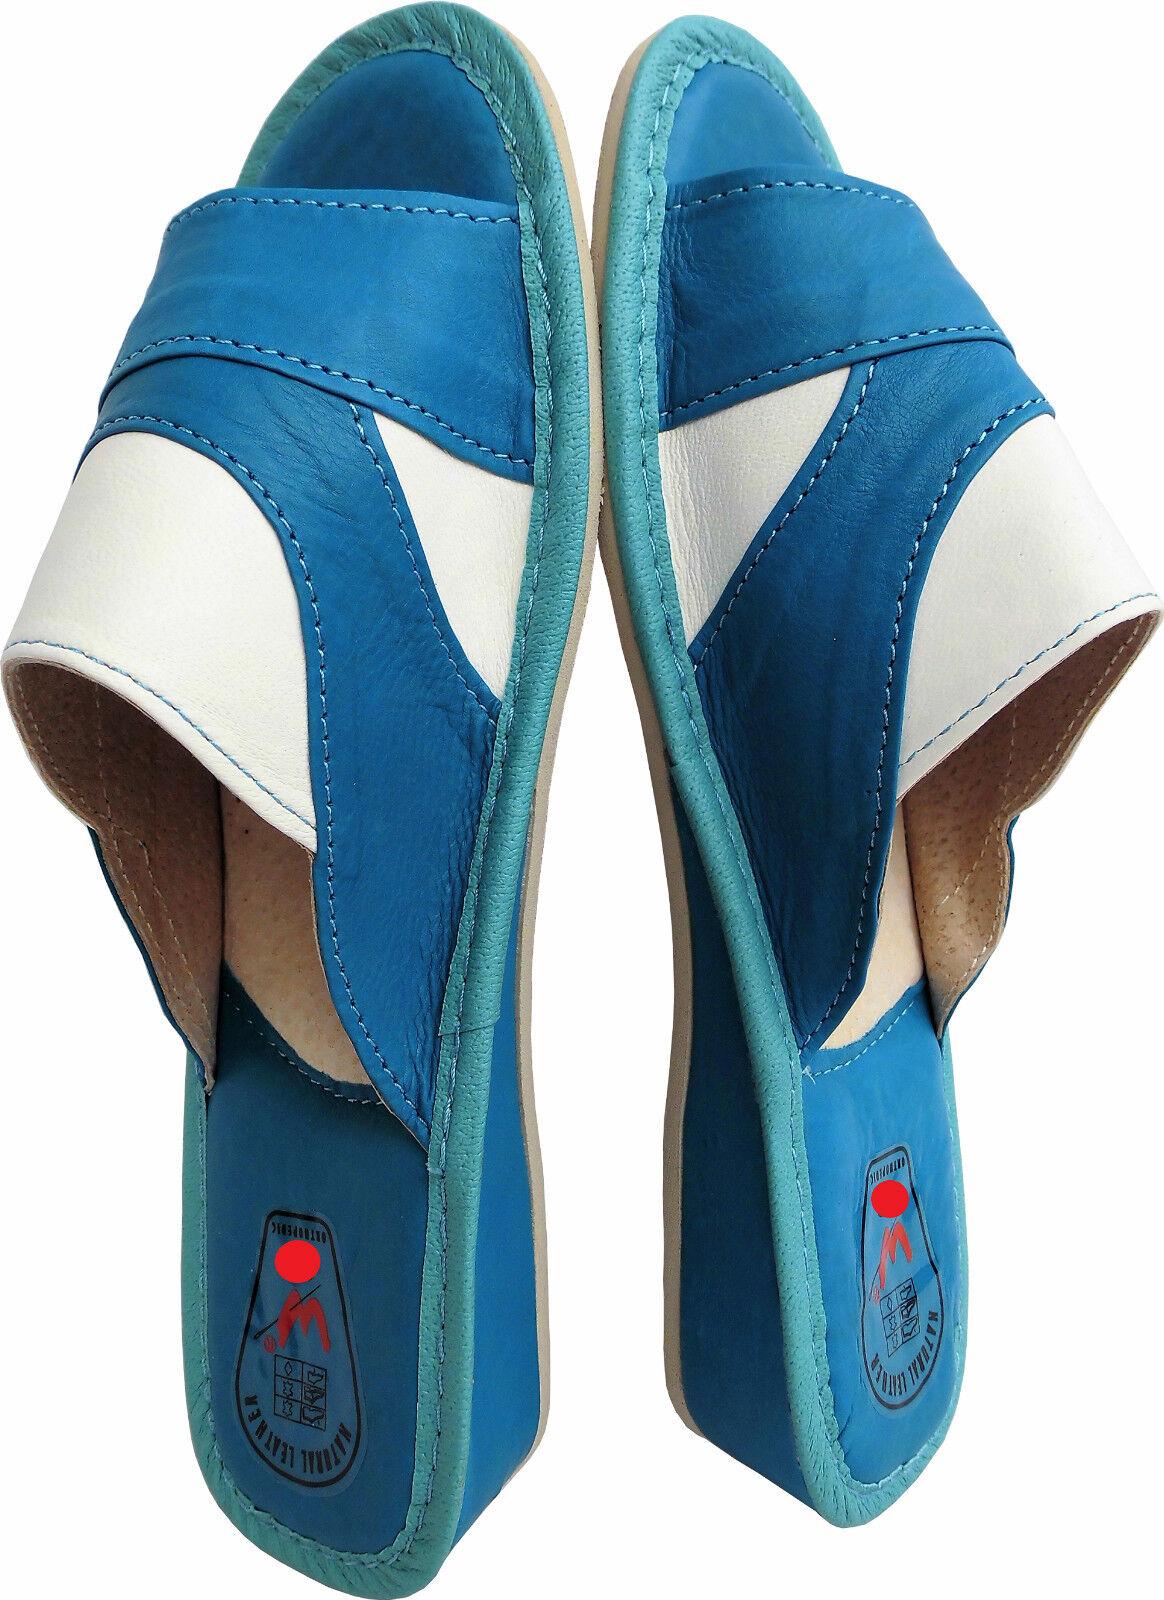 Pantolette - Hausschuhe - Latschen  Gr.42 Echt LEDER Blau-Weiss (14.6.4.10)